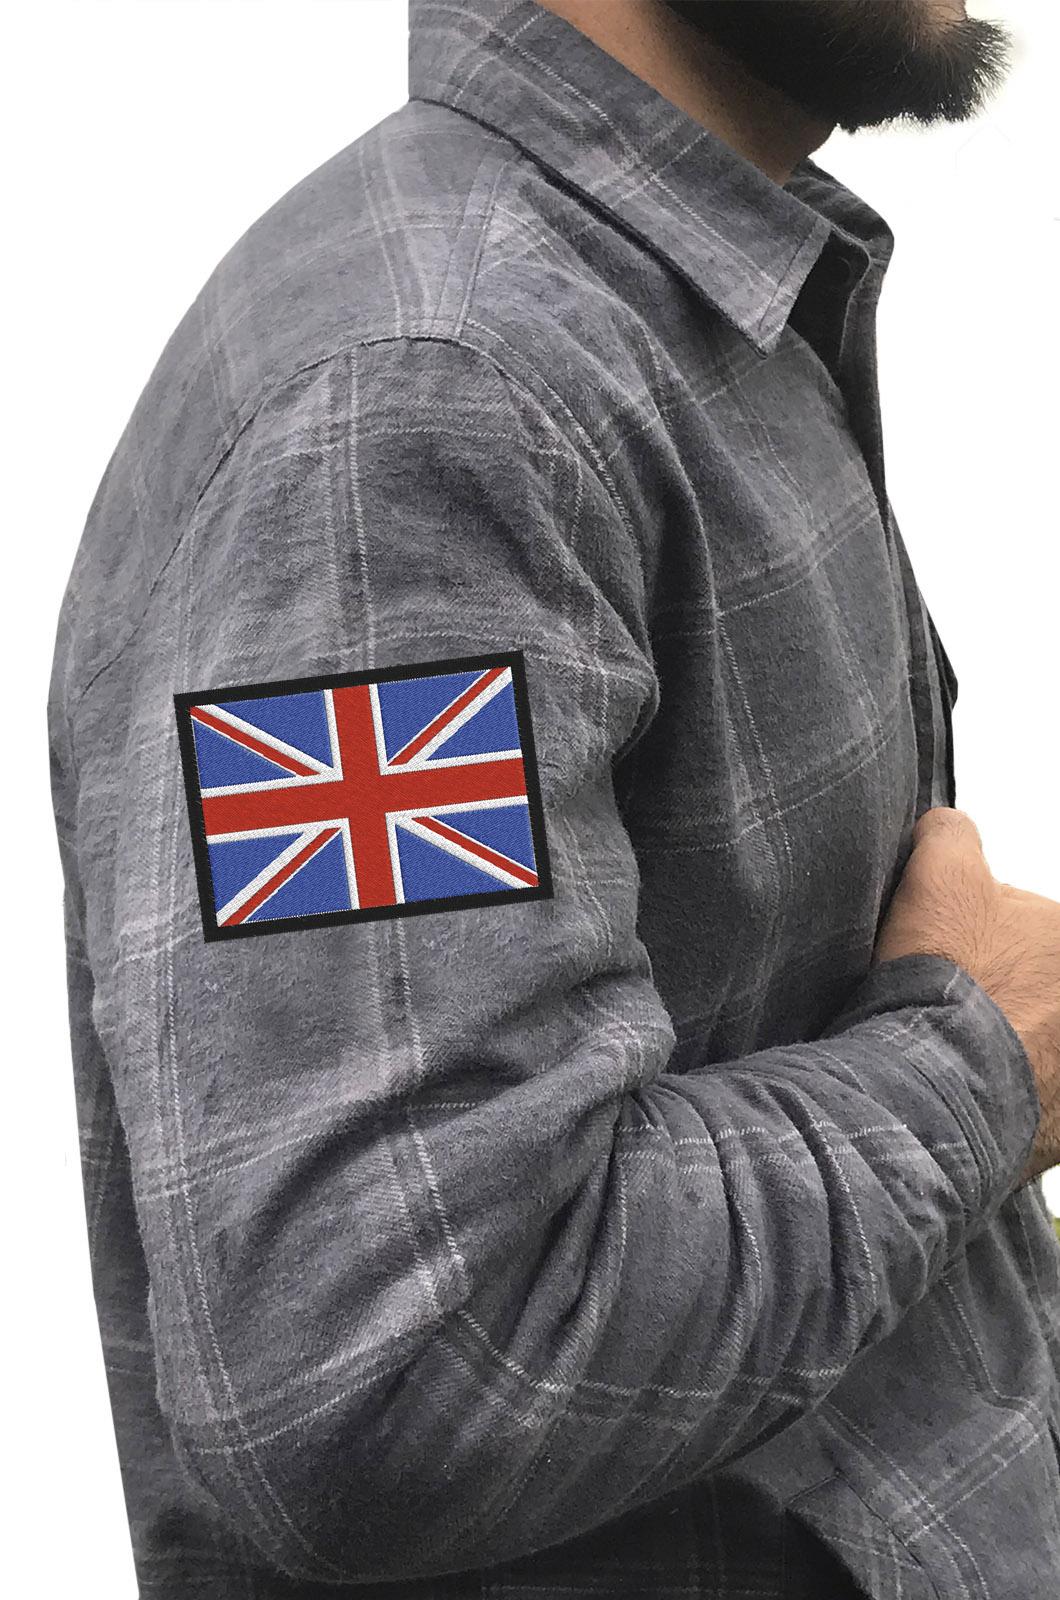 Крутая рубашка с вышитым флагом Великобритании - купить выгодно